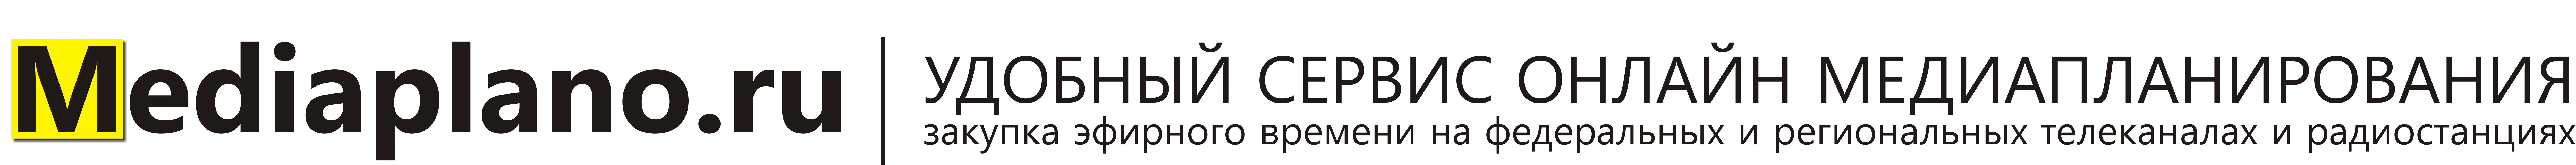 Сервис Mediaplano